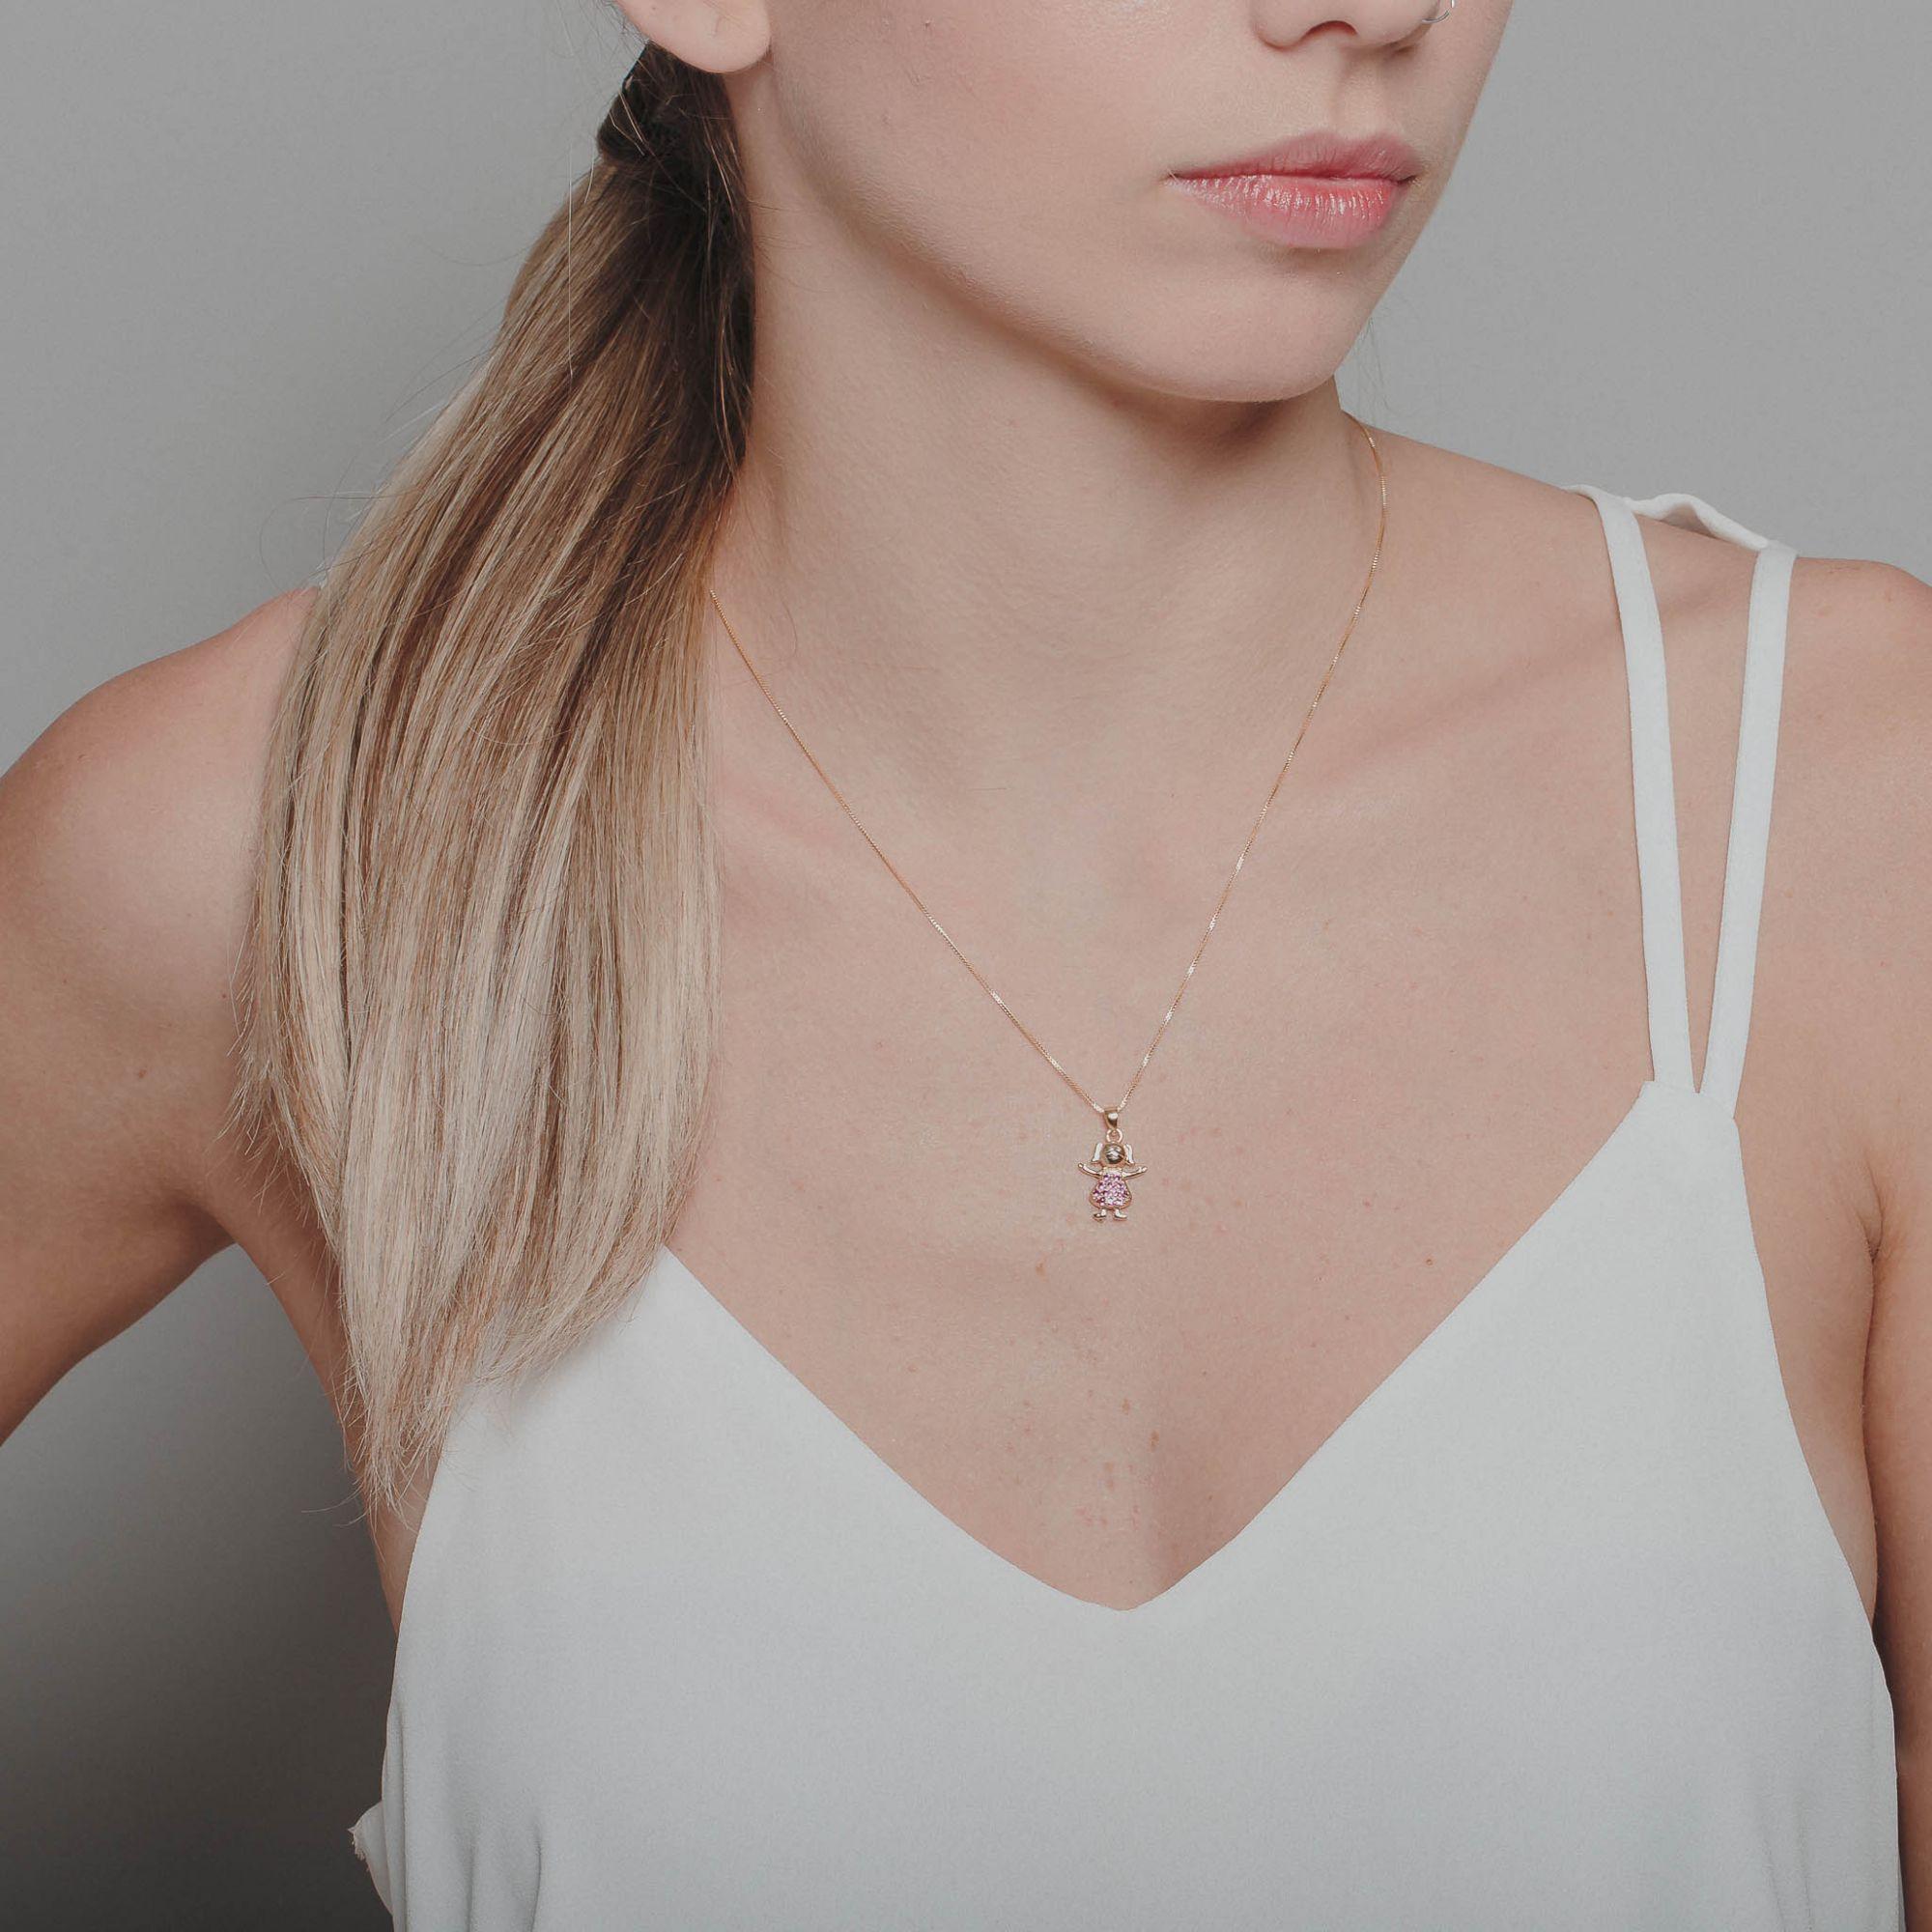 Colar filha com micro zircônias rubis banhado a ouro 18k.  - bfdecor.com.br